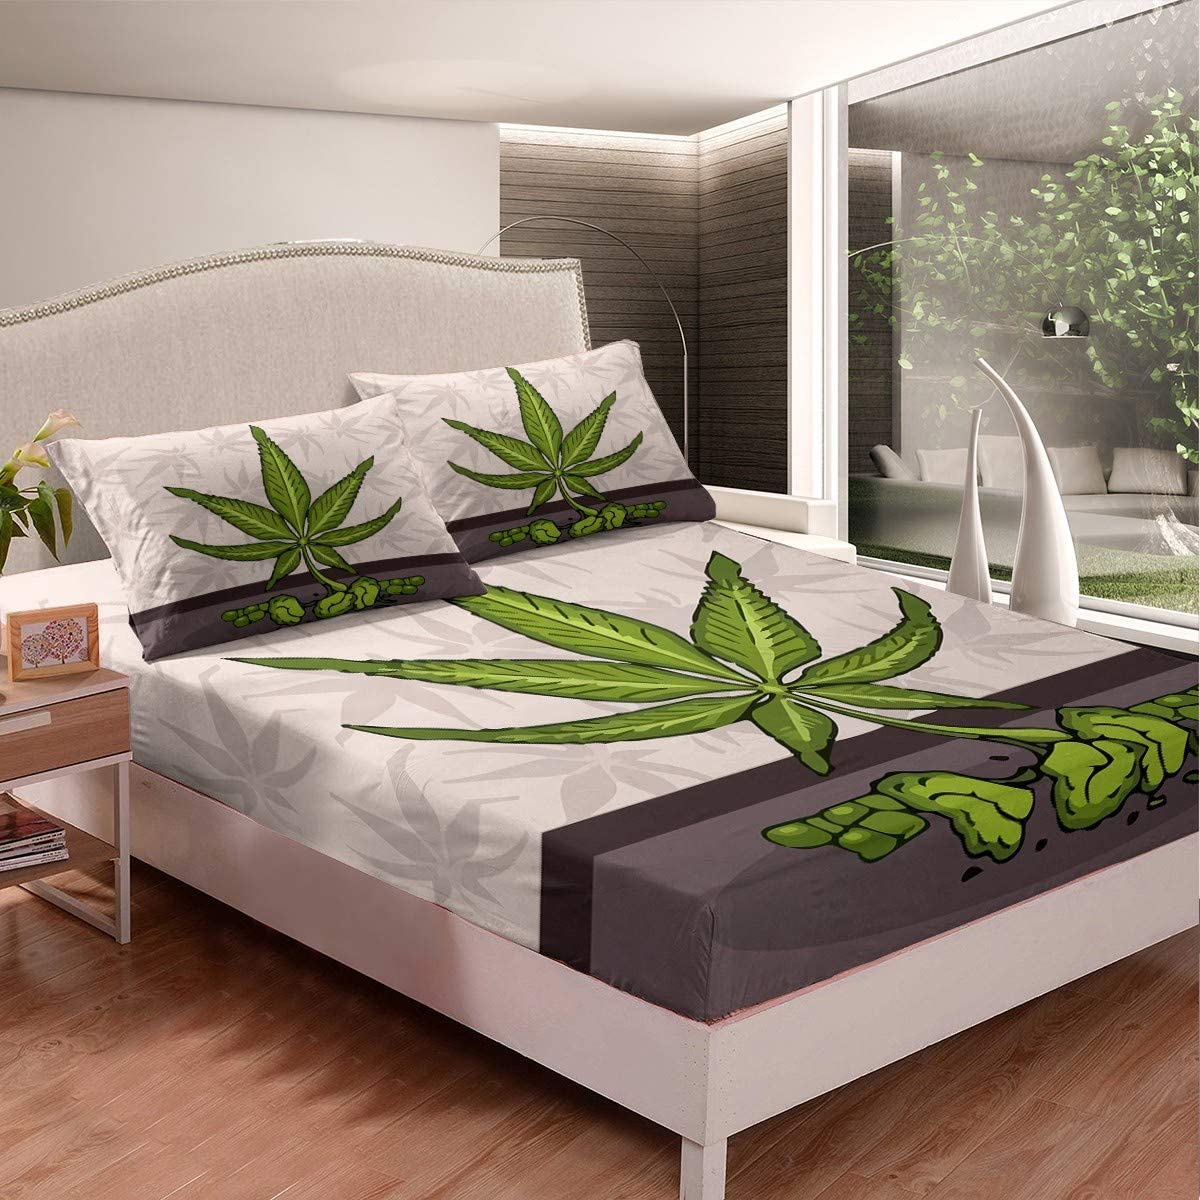 Juego de sábanas de marihuana, hojas de cannabis, sábanas para niños, niñas, marihuana, hoja de maleza, rosa, juego de sábanas con 2 fundas de almohada, 3 piezas, cama King